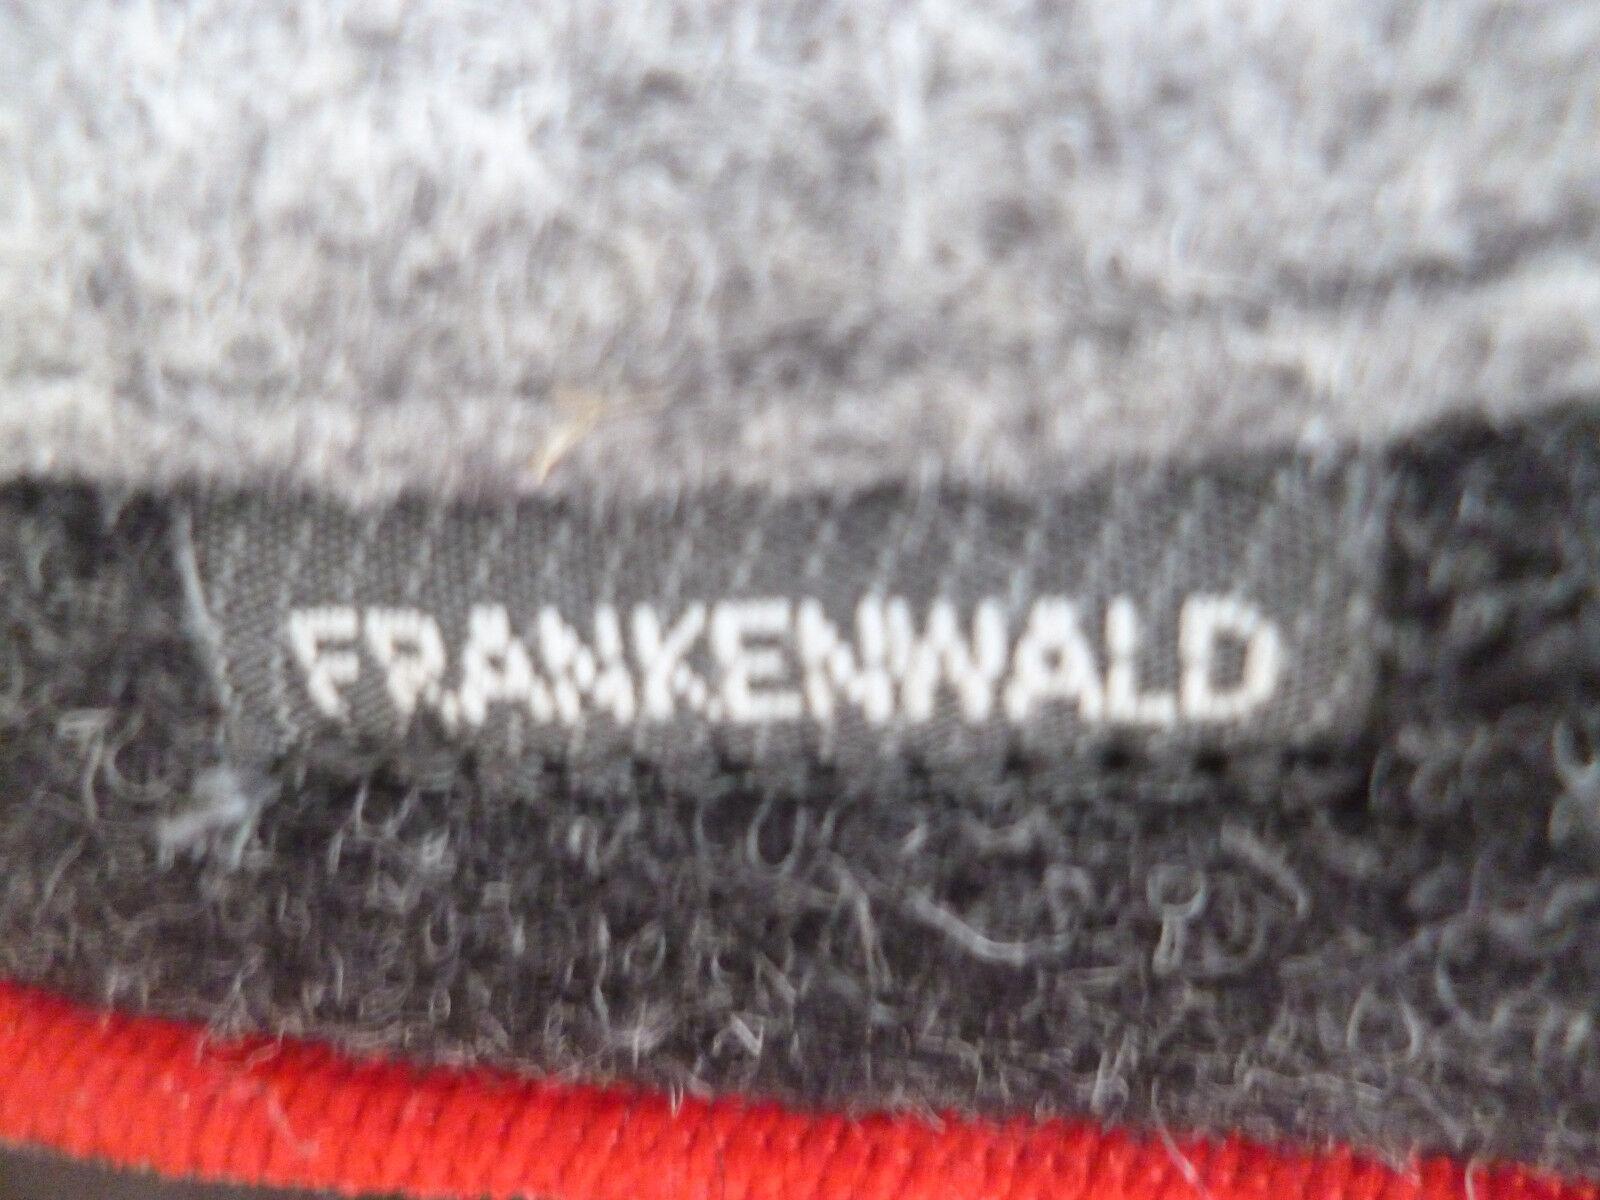 Frankenwald Damen Pantoffel Hausschuhe, Art.126 grau/rot, für lose Einlagen Art.126 Hausschuhe, NEU 7b3d5a